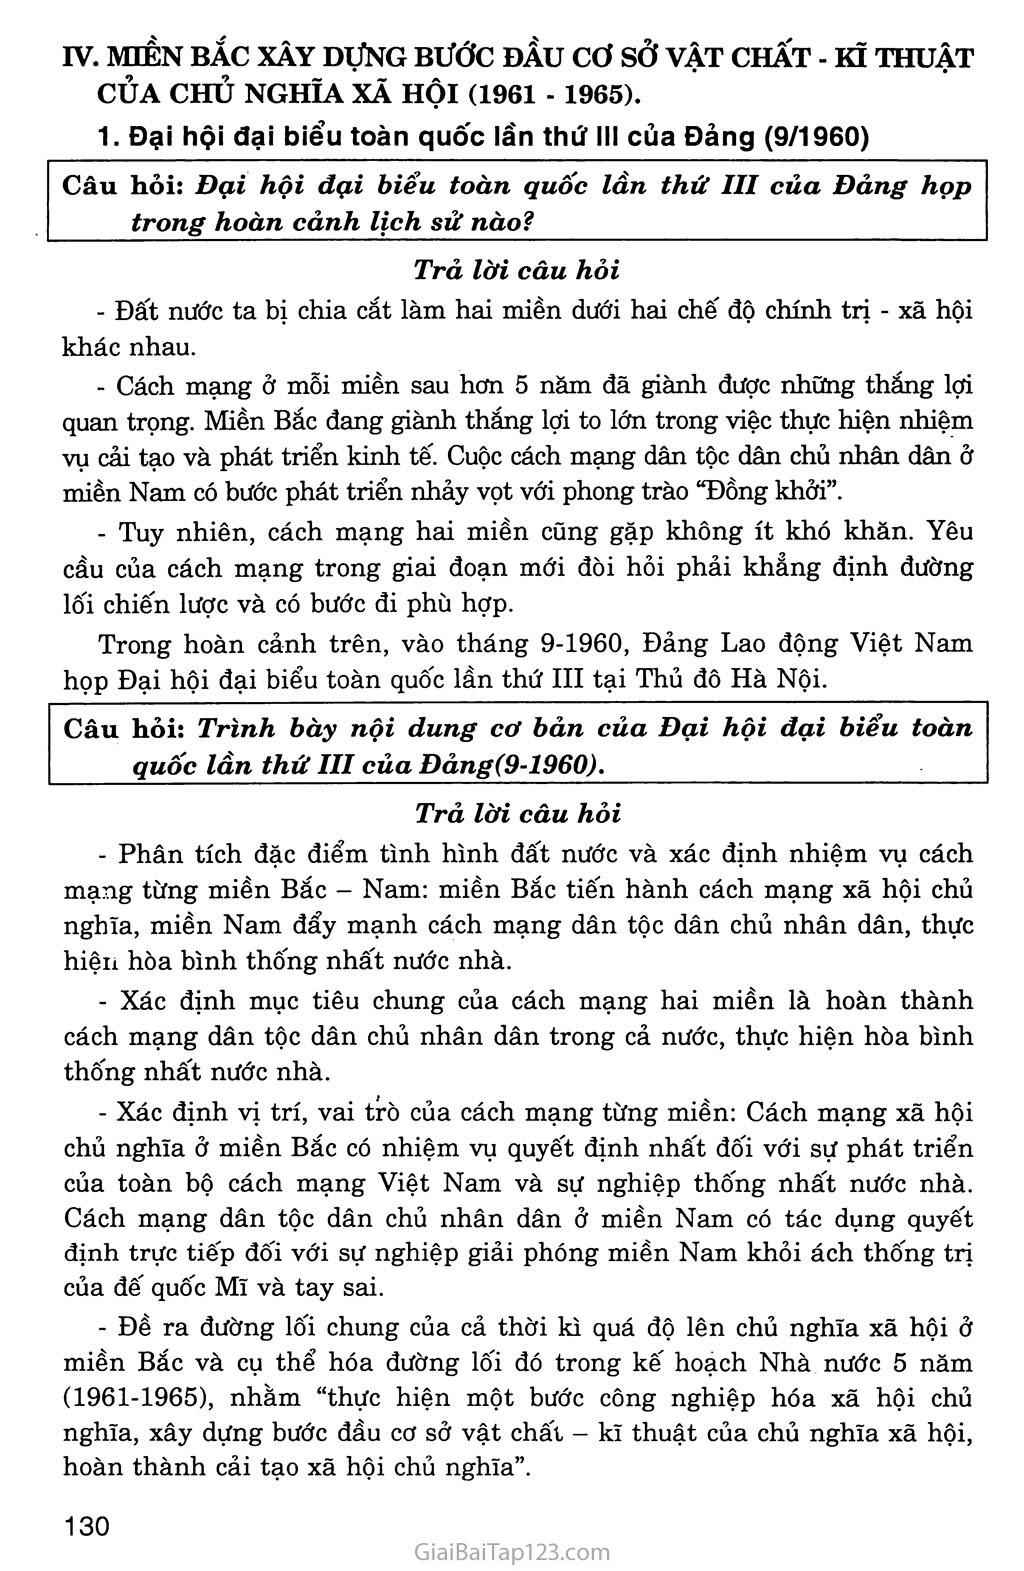 Bài 28: Xây dựng chủ nghĩa xã hội ở miền Bắc, đấu tranh chống đế quốc Mĩ và chính quyền Sài Gòn ở miền Nam (1954 - 1965) trang 6